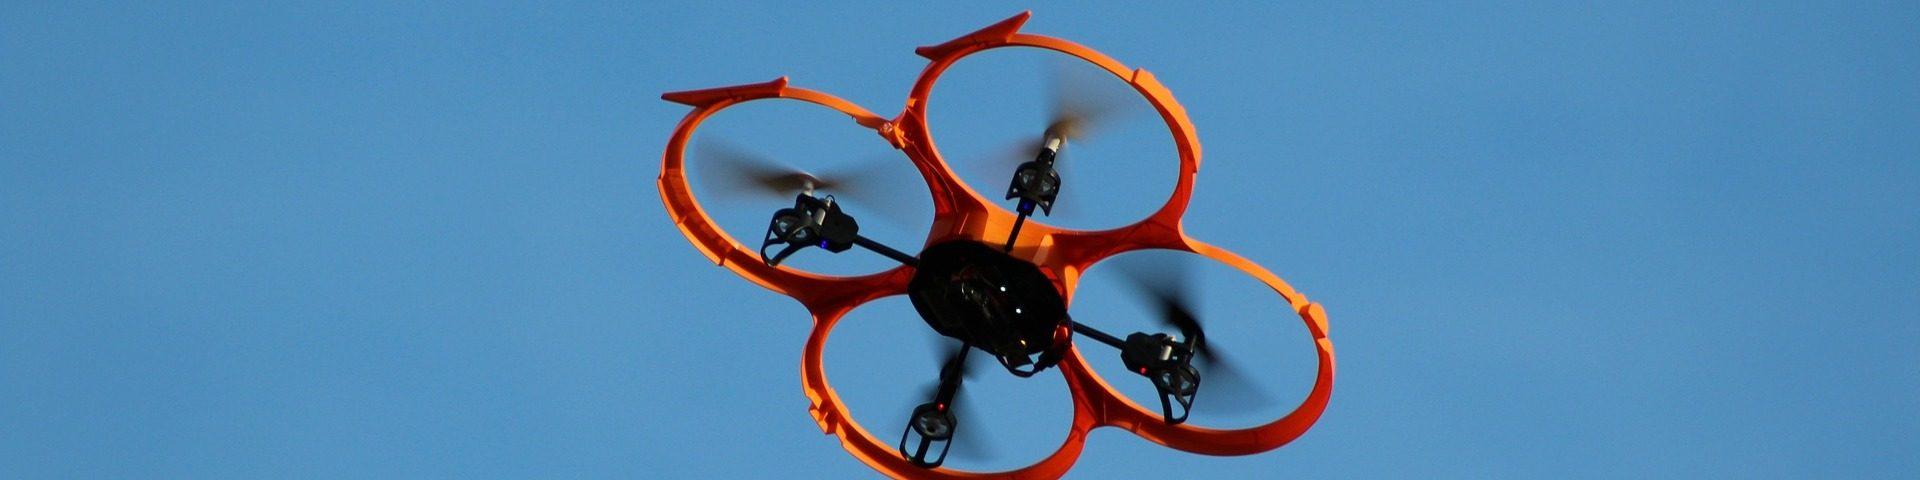 Drohne fliegt am Himmel